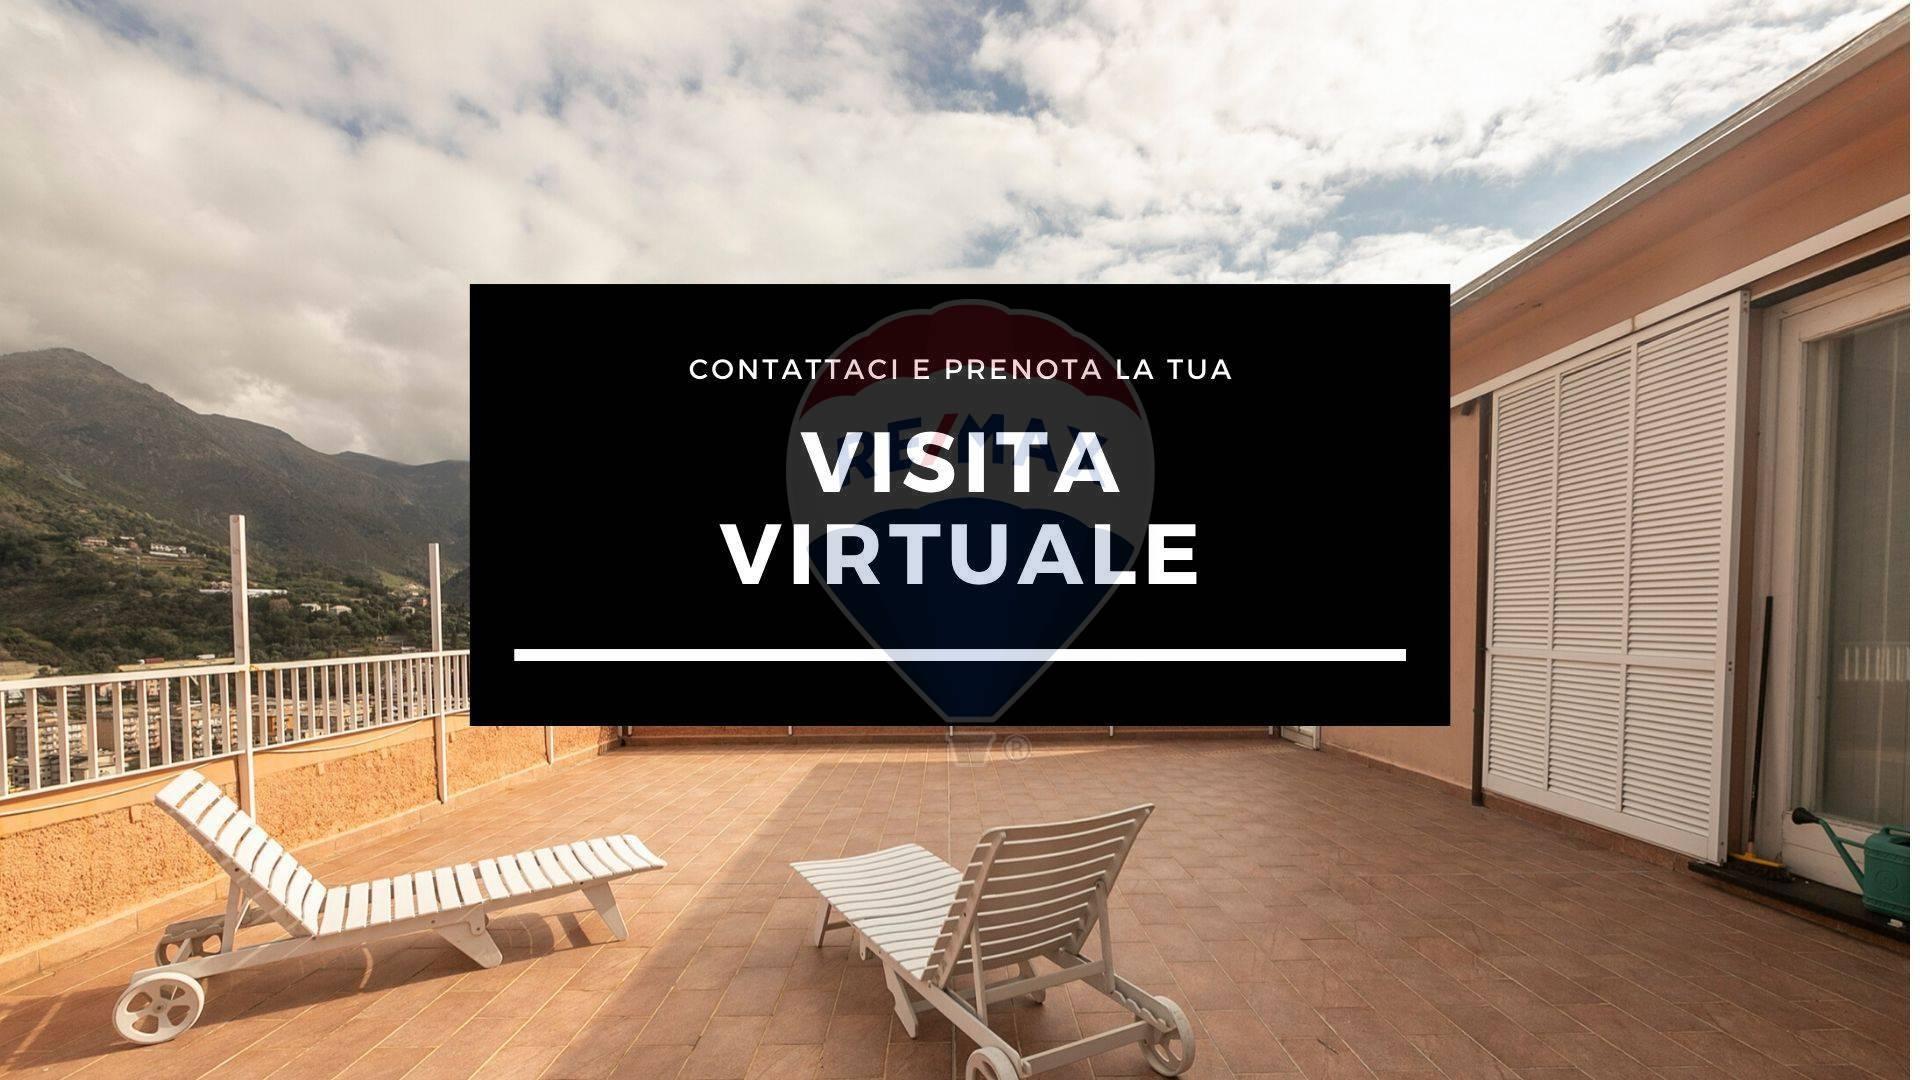 Appartamento in vendita a Arenzano, 3 locali, zona Località: PinetadiArenzano, prezzo € 295.000 | CambioCasa.it